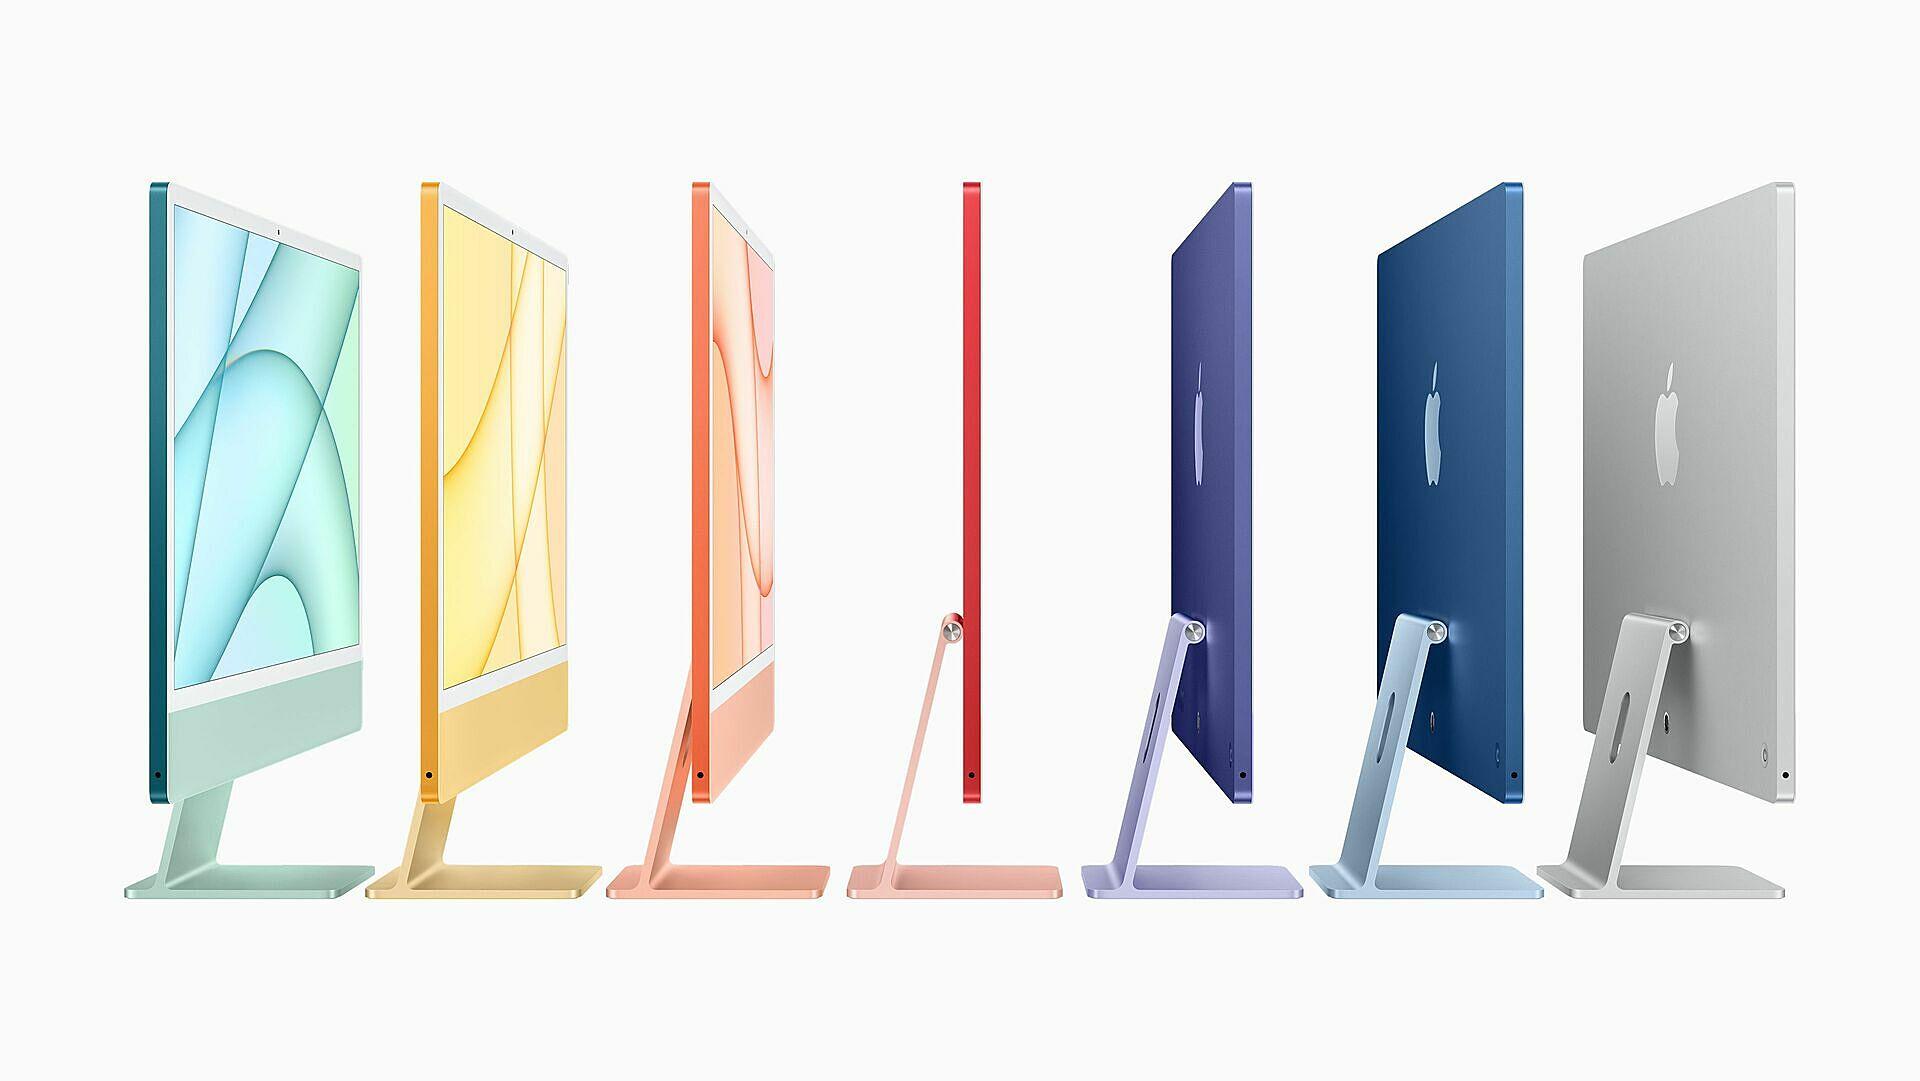 iMac 2021 là sản phẩm quan trọng nhất của Apple